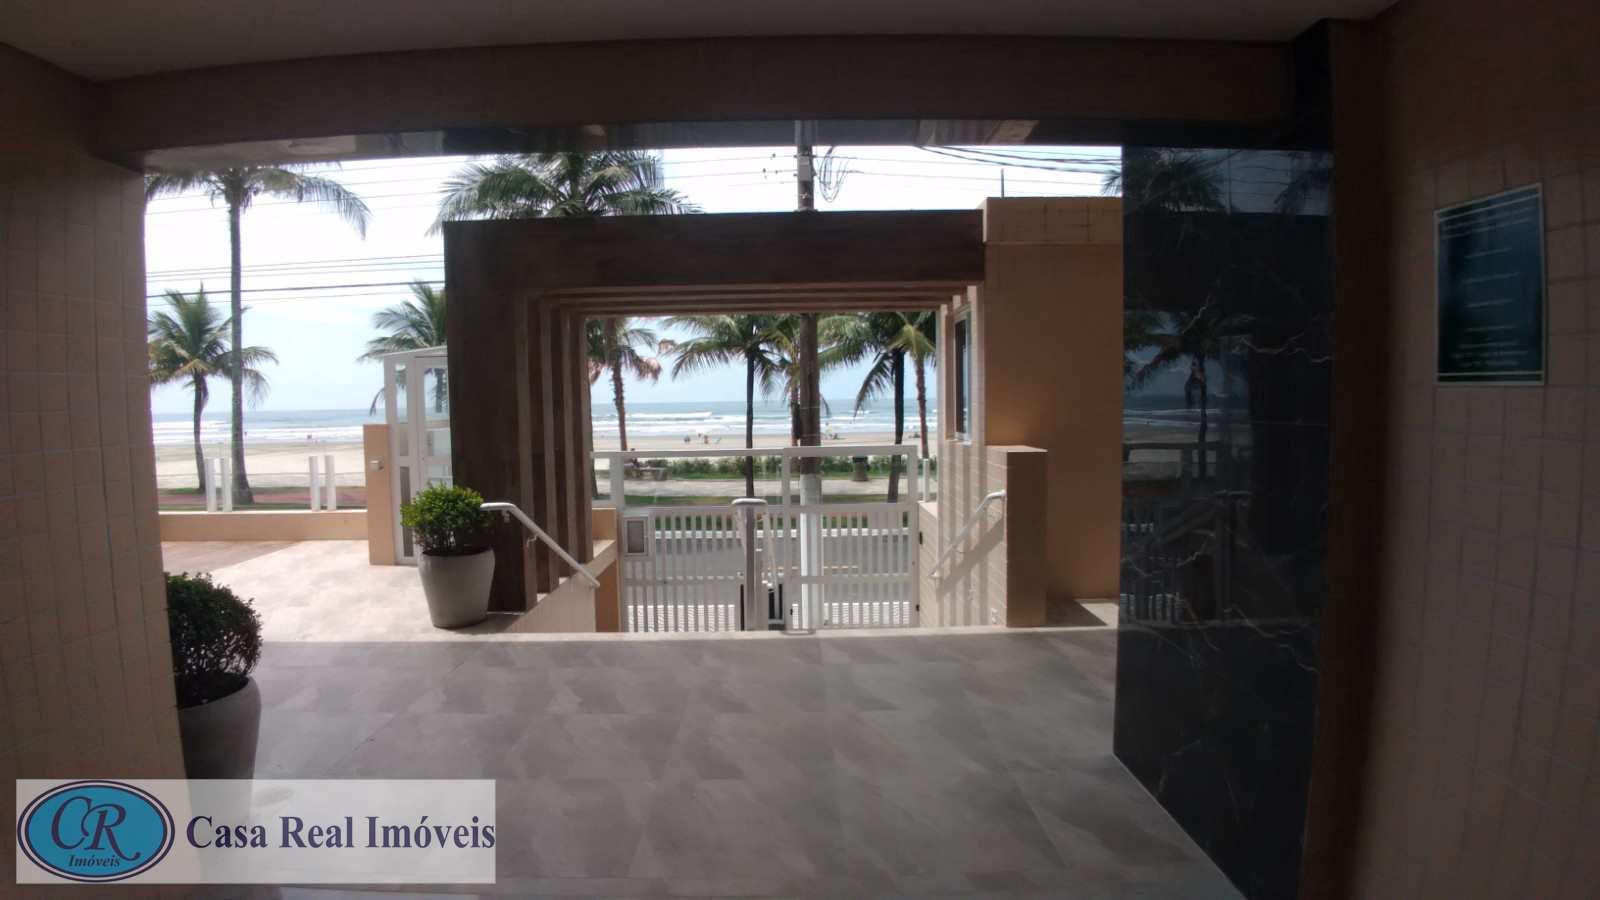 Prédio Frente Mar  2 dorms, Caiçara, Praia Grande -